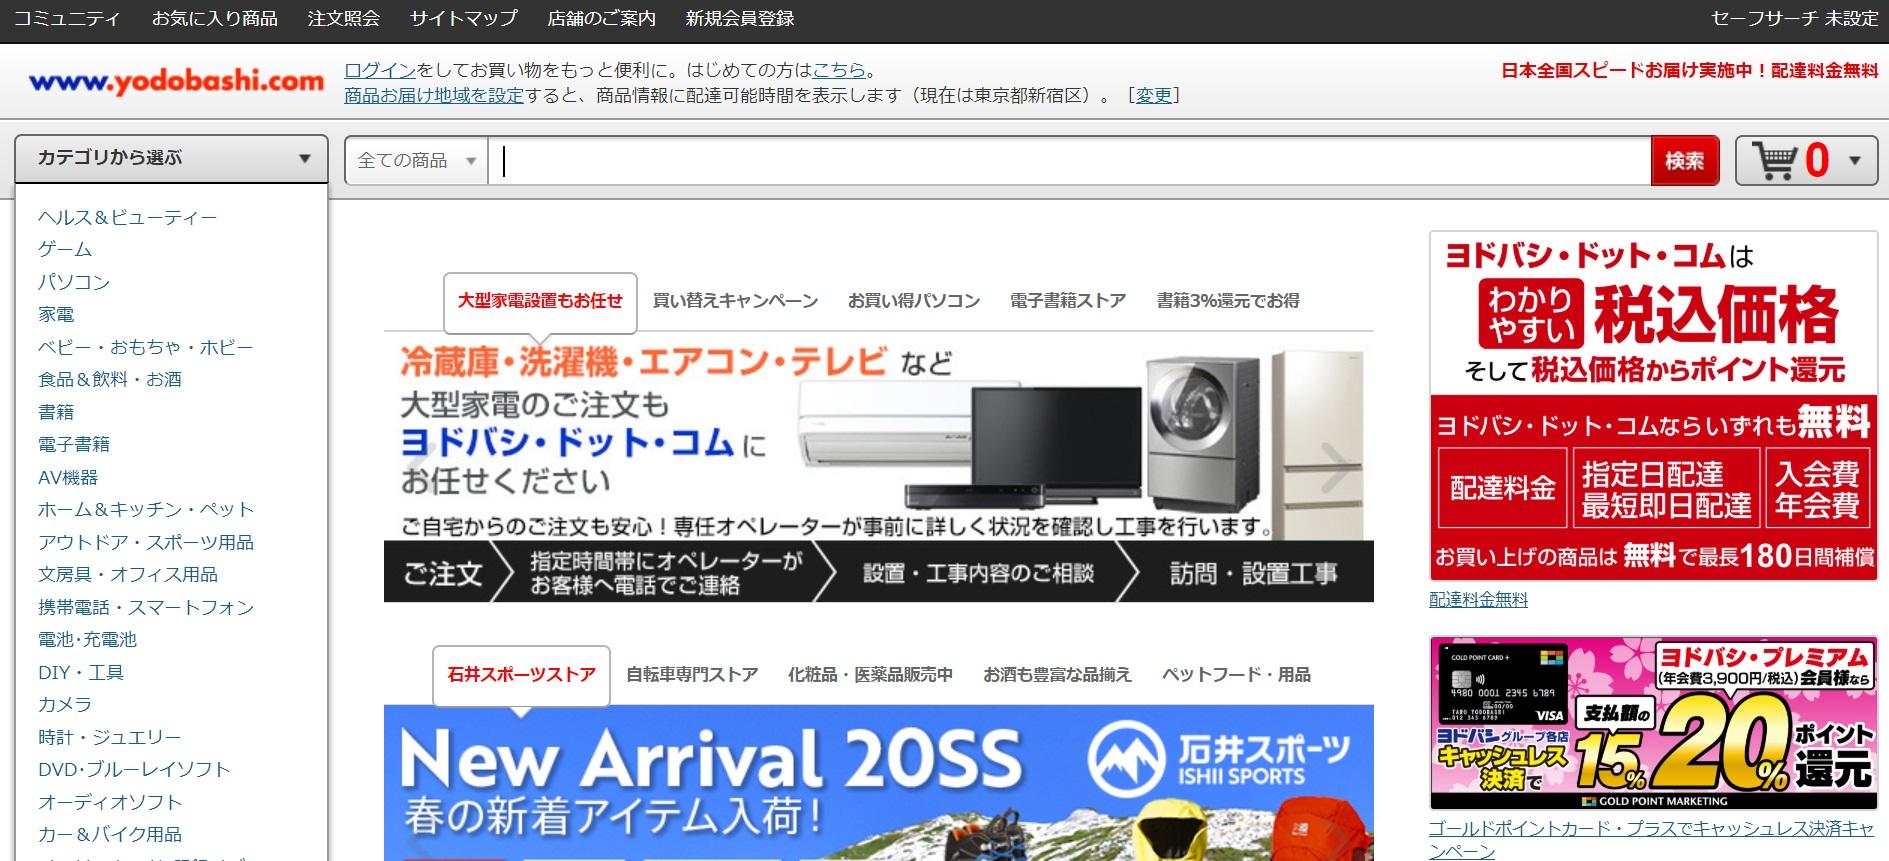 Prime Nowの代わりになるサービスのブログ画像